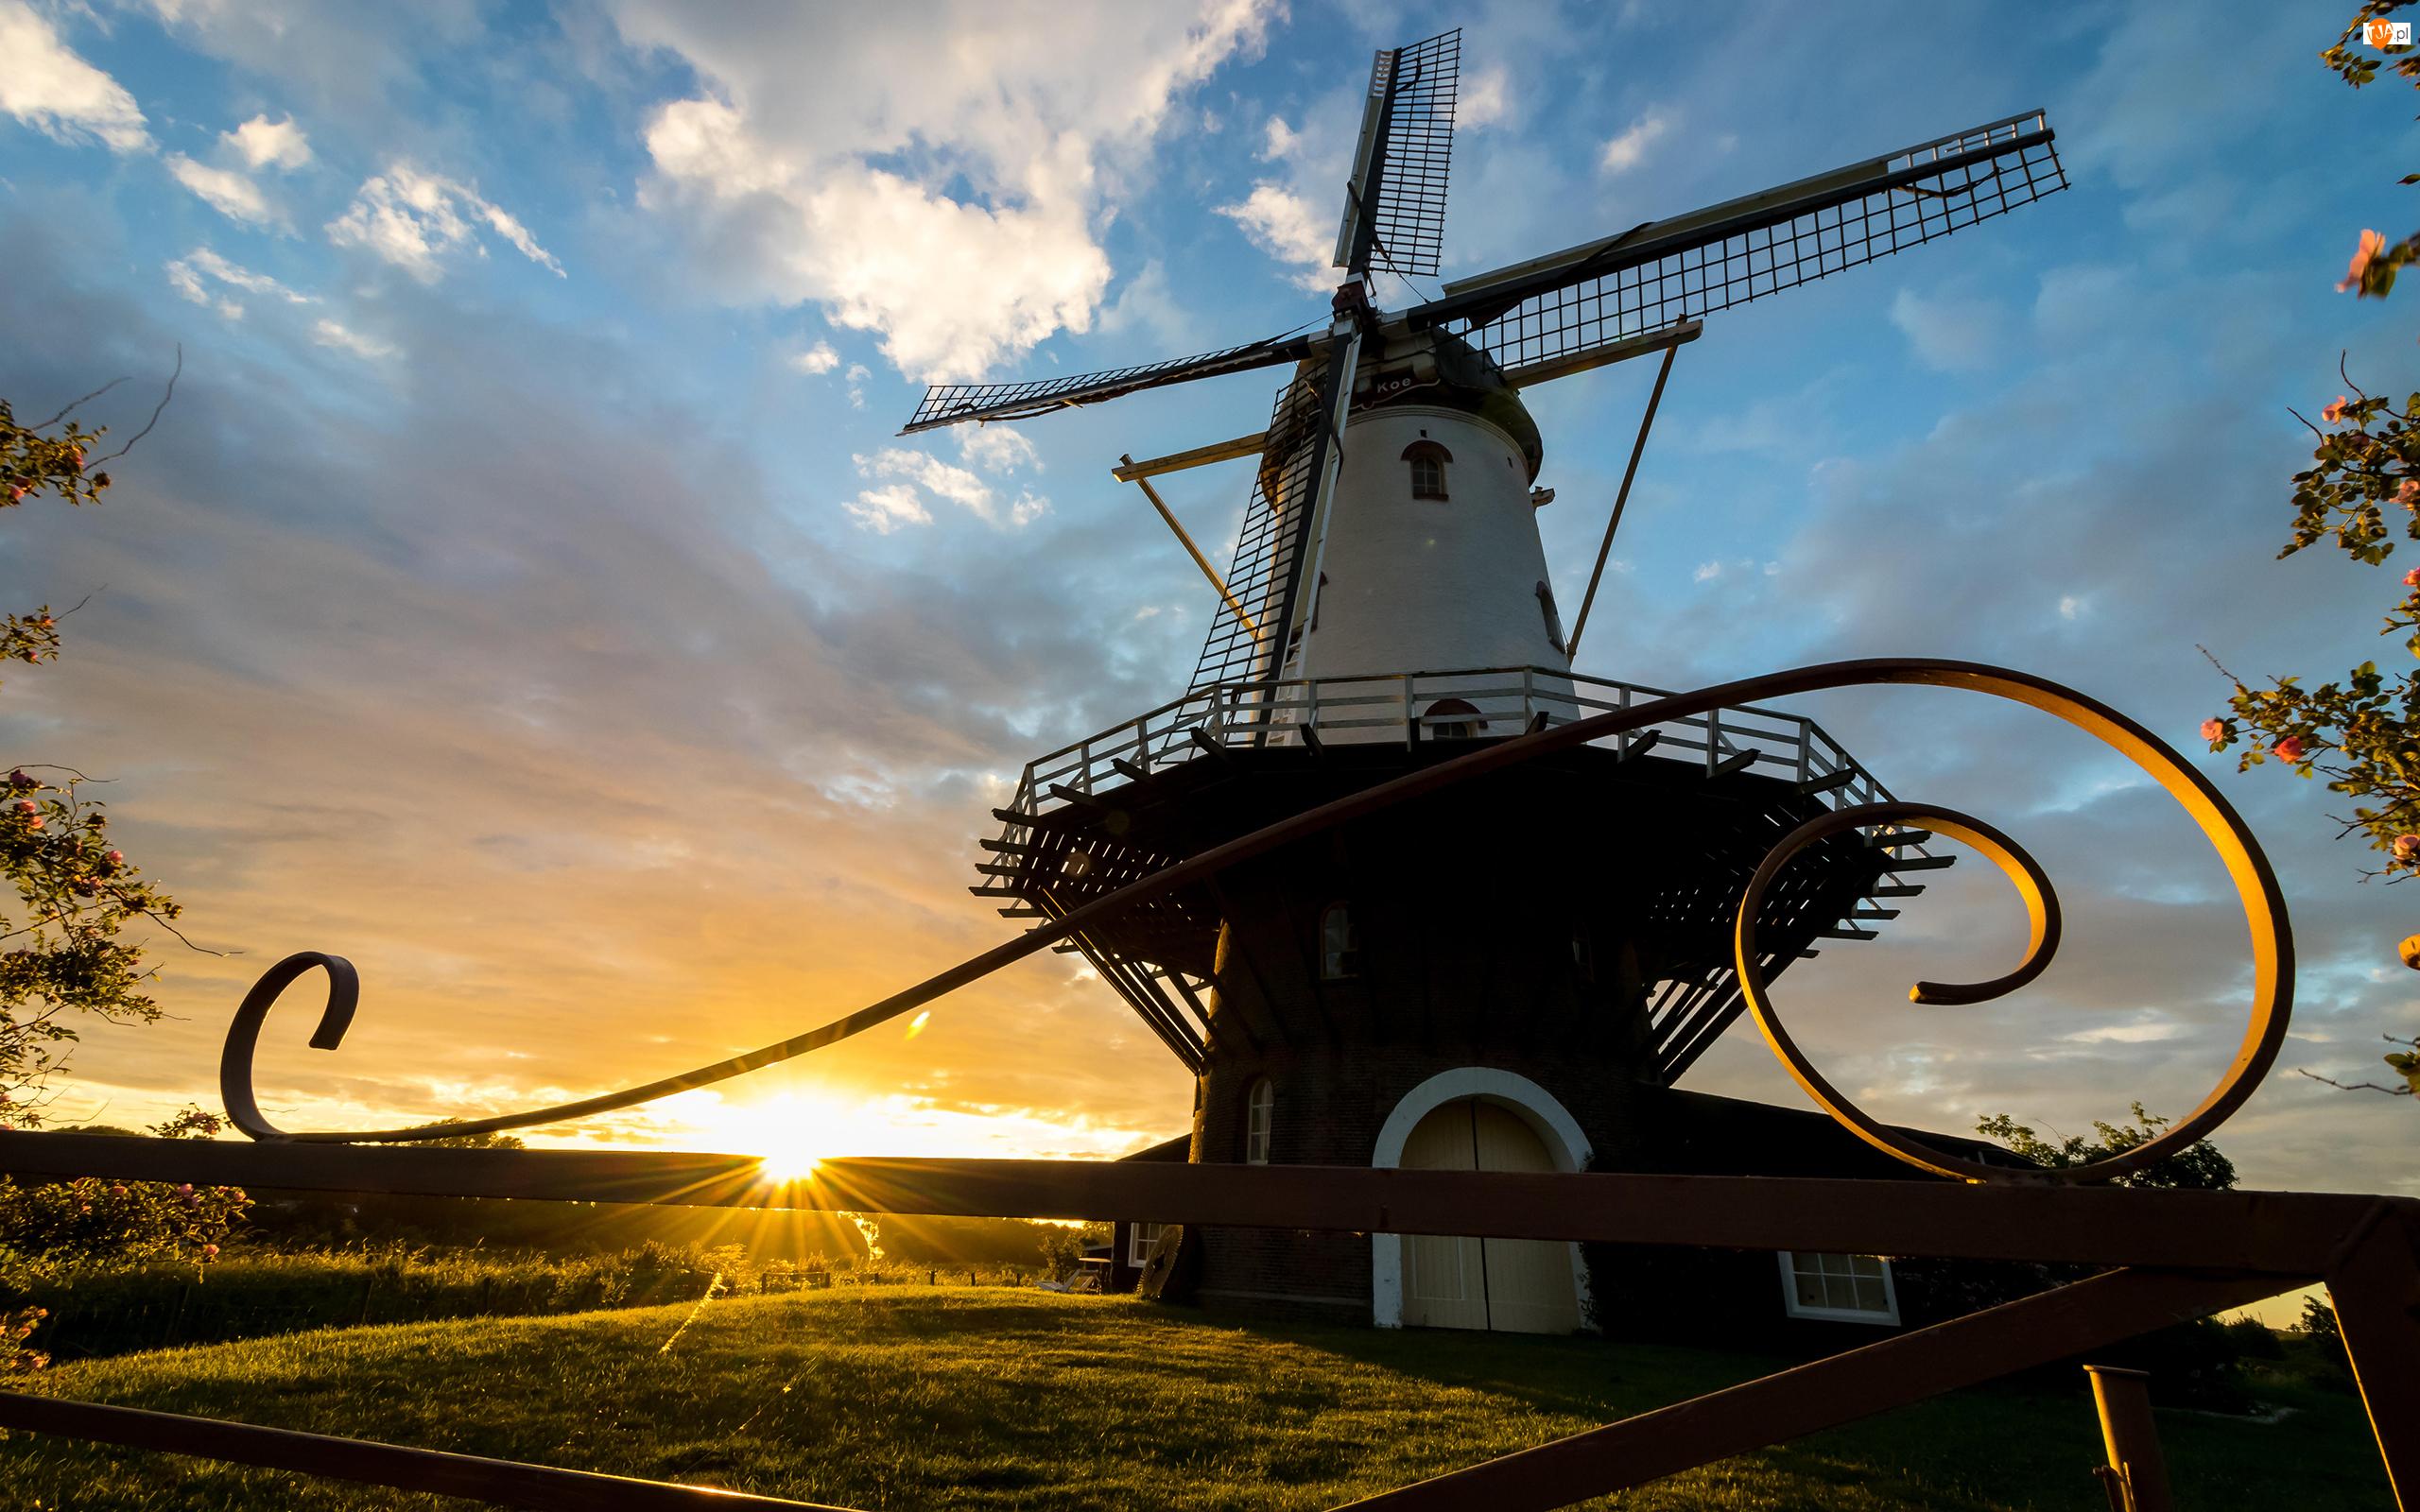 Brama, Holandia, Wiatrak, Veere, Wschód słońca